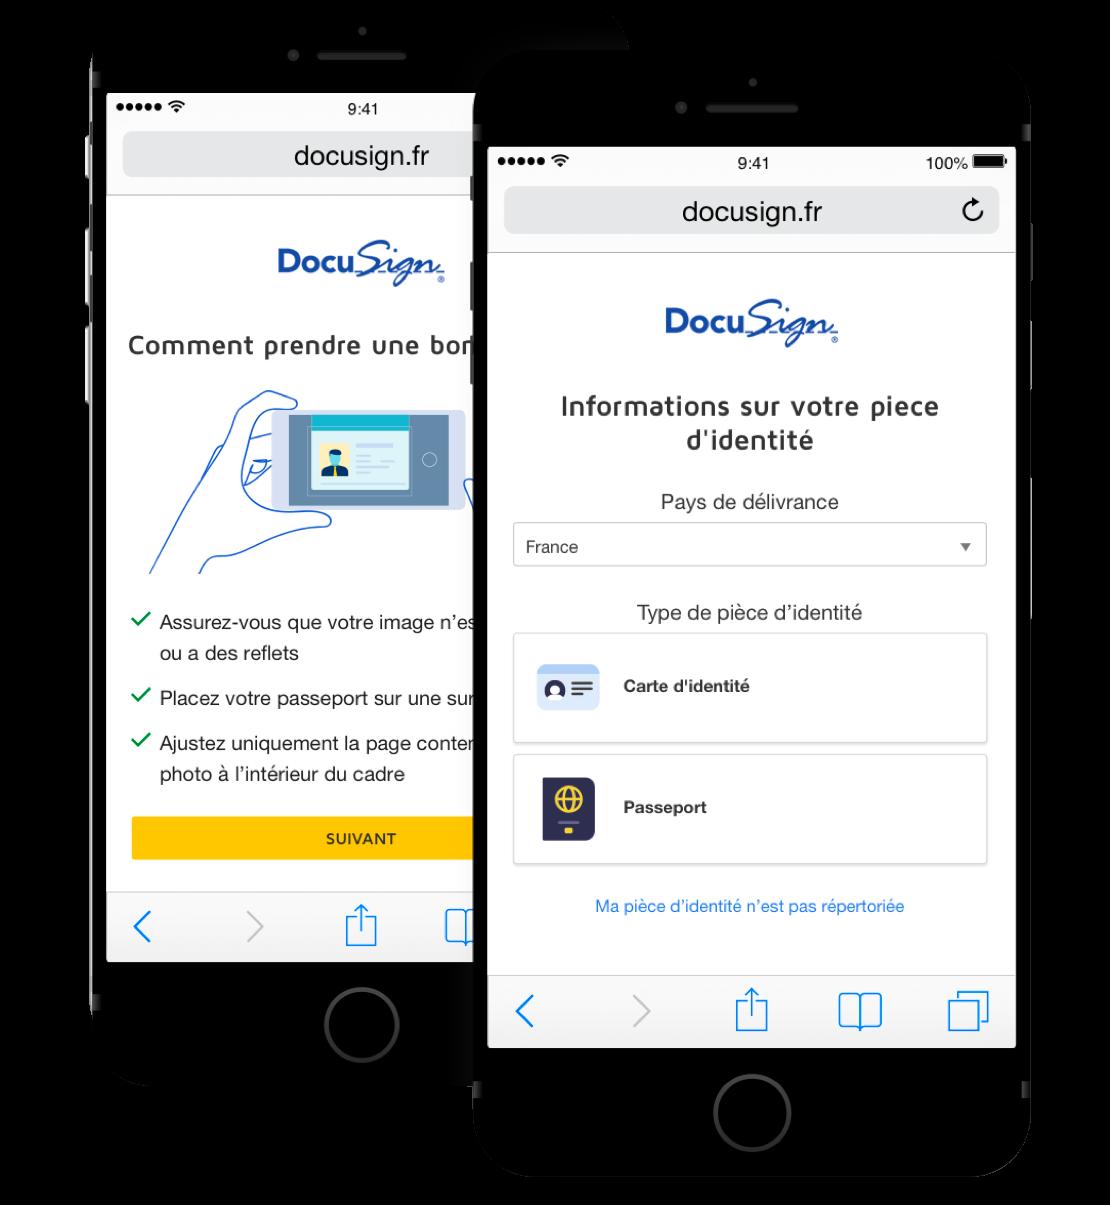 Deux téléphones portables, l'un indiquant les instructions sur la façon de télécharger sa pièce d'identité et l'autre demandant des informations sur votre identité.